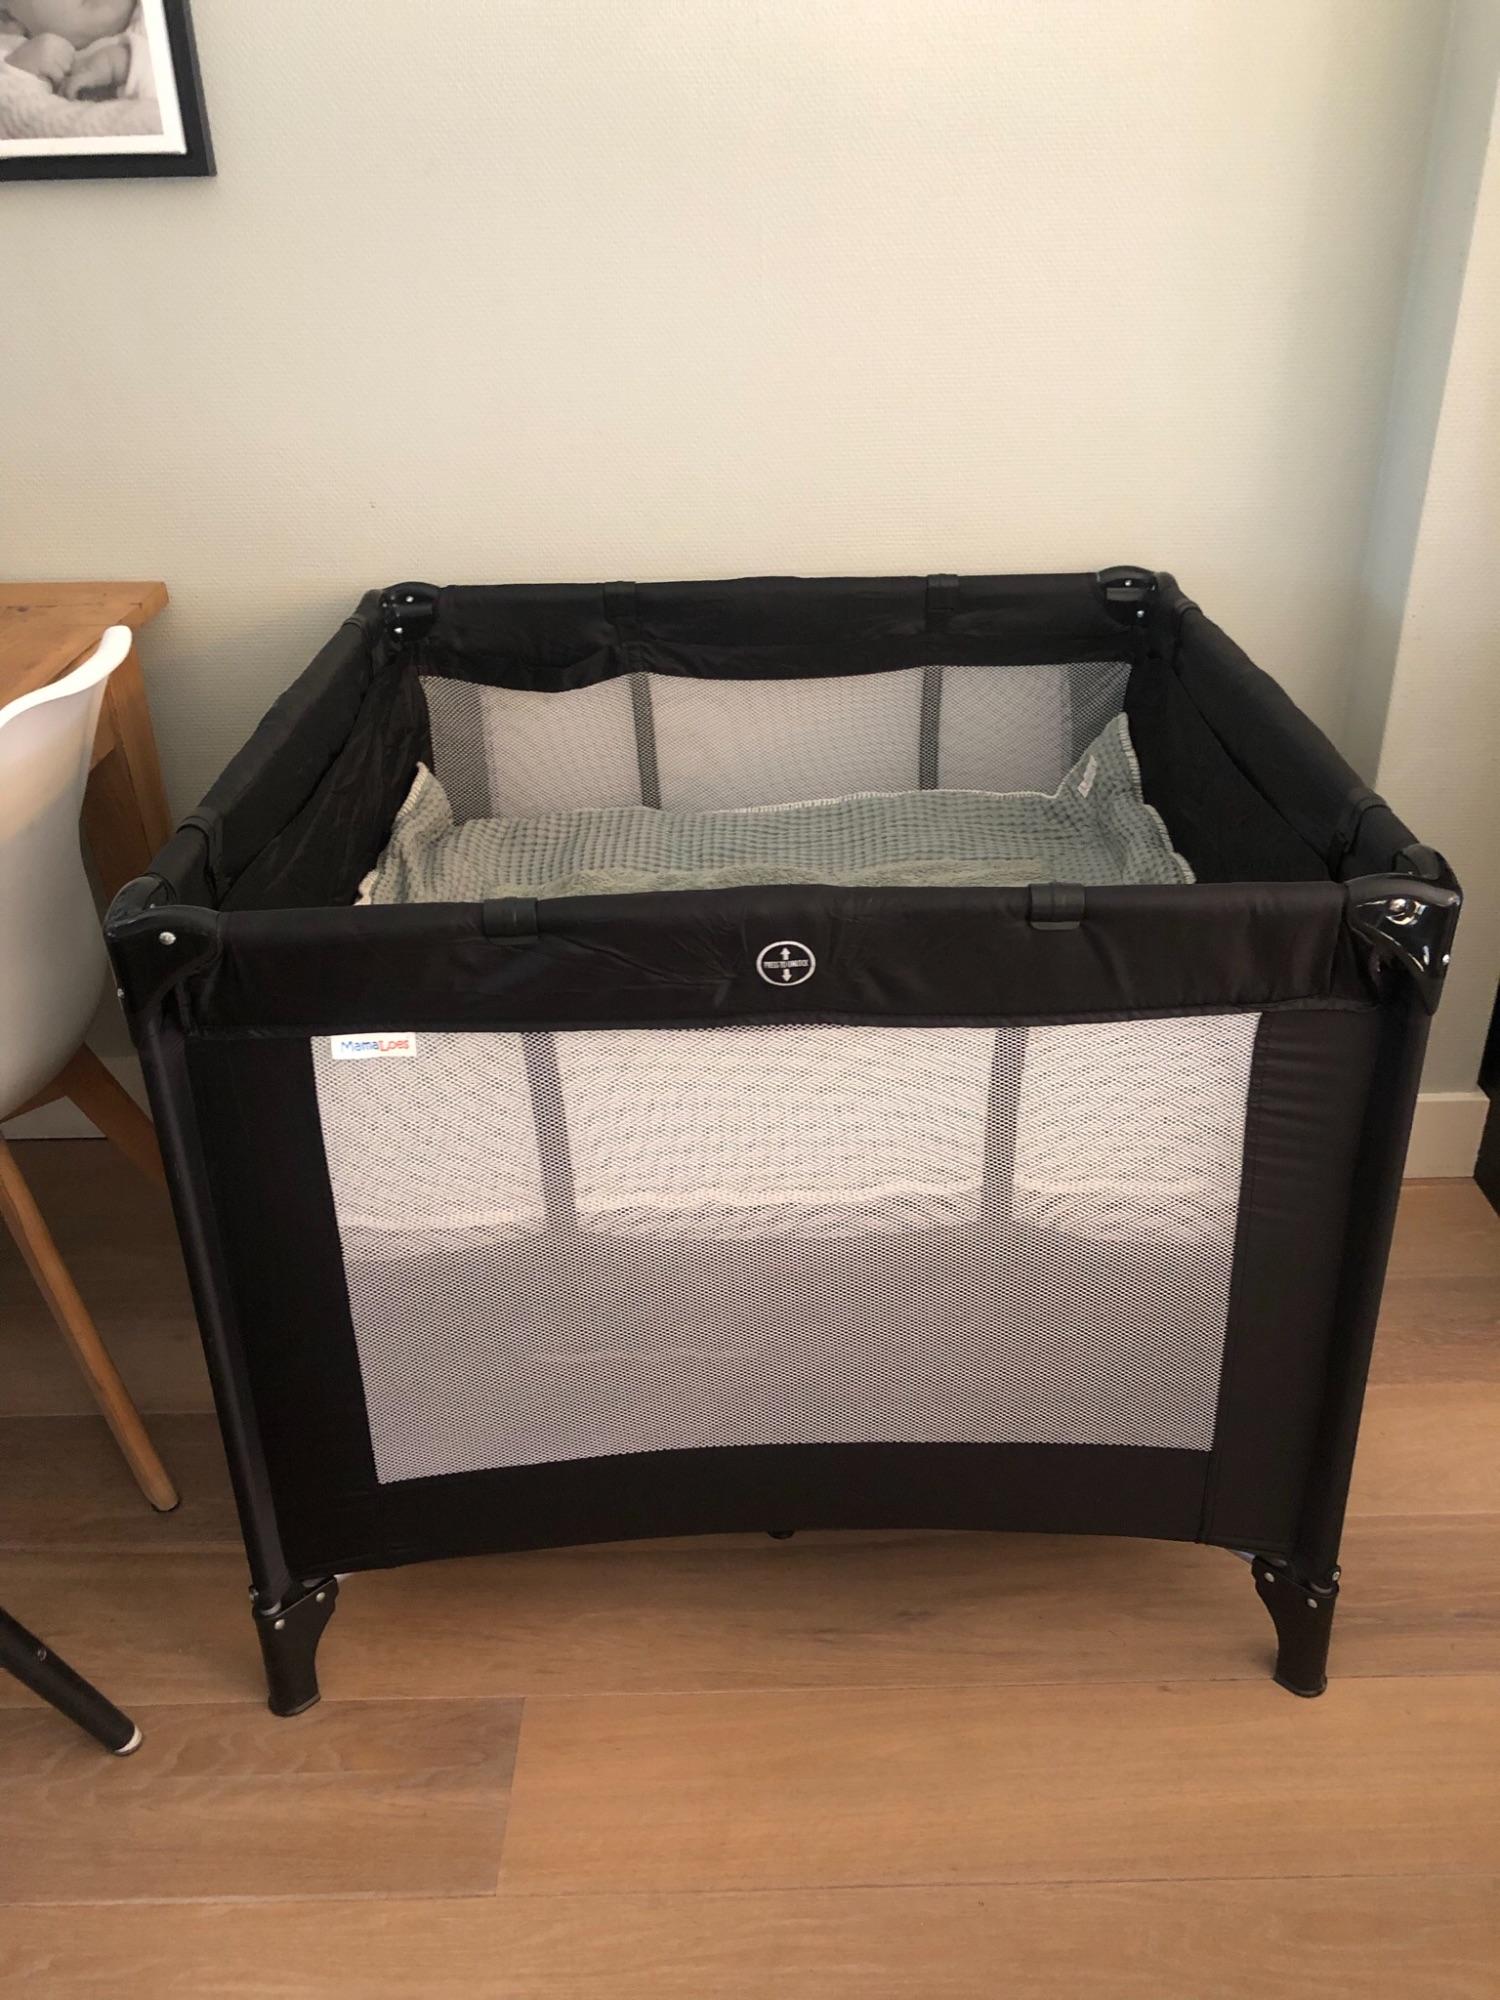 Camping box/ bed zwart incl Koeka boxkleed